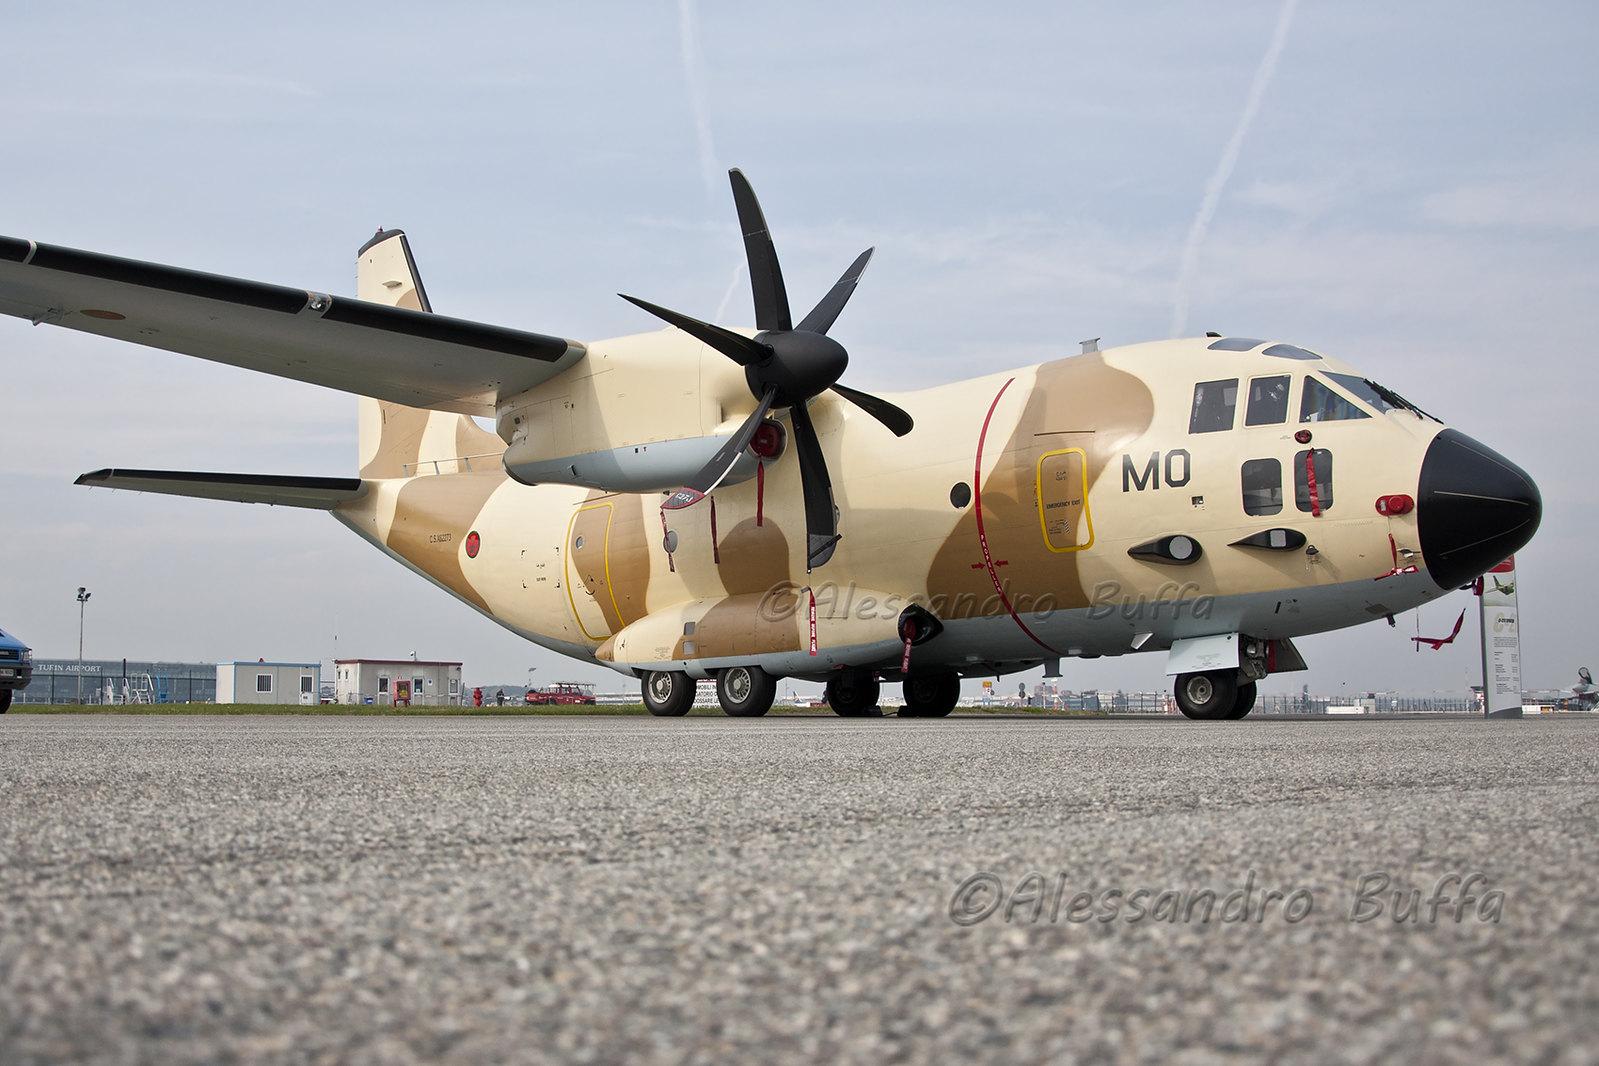 FRA: Photos d'avions de transport - Page 21 16367380197_1d2d3d0af9_h